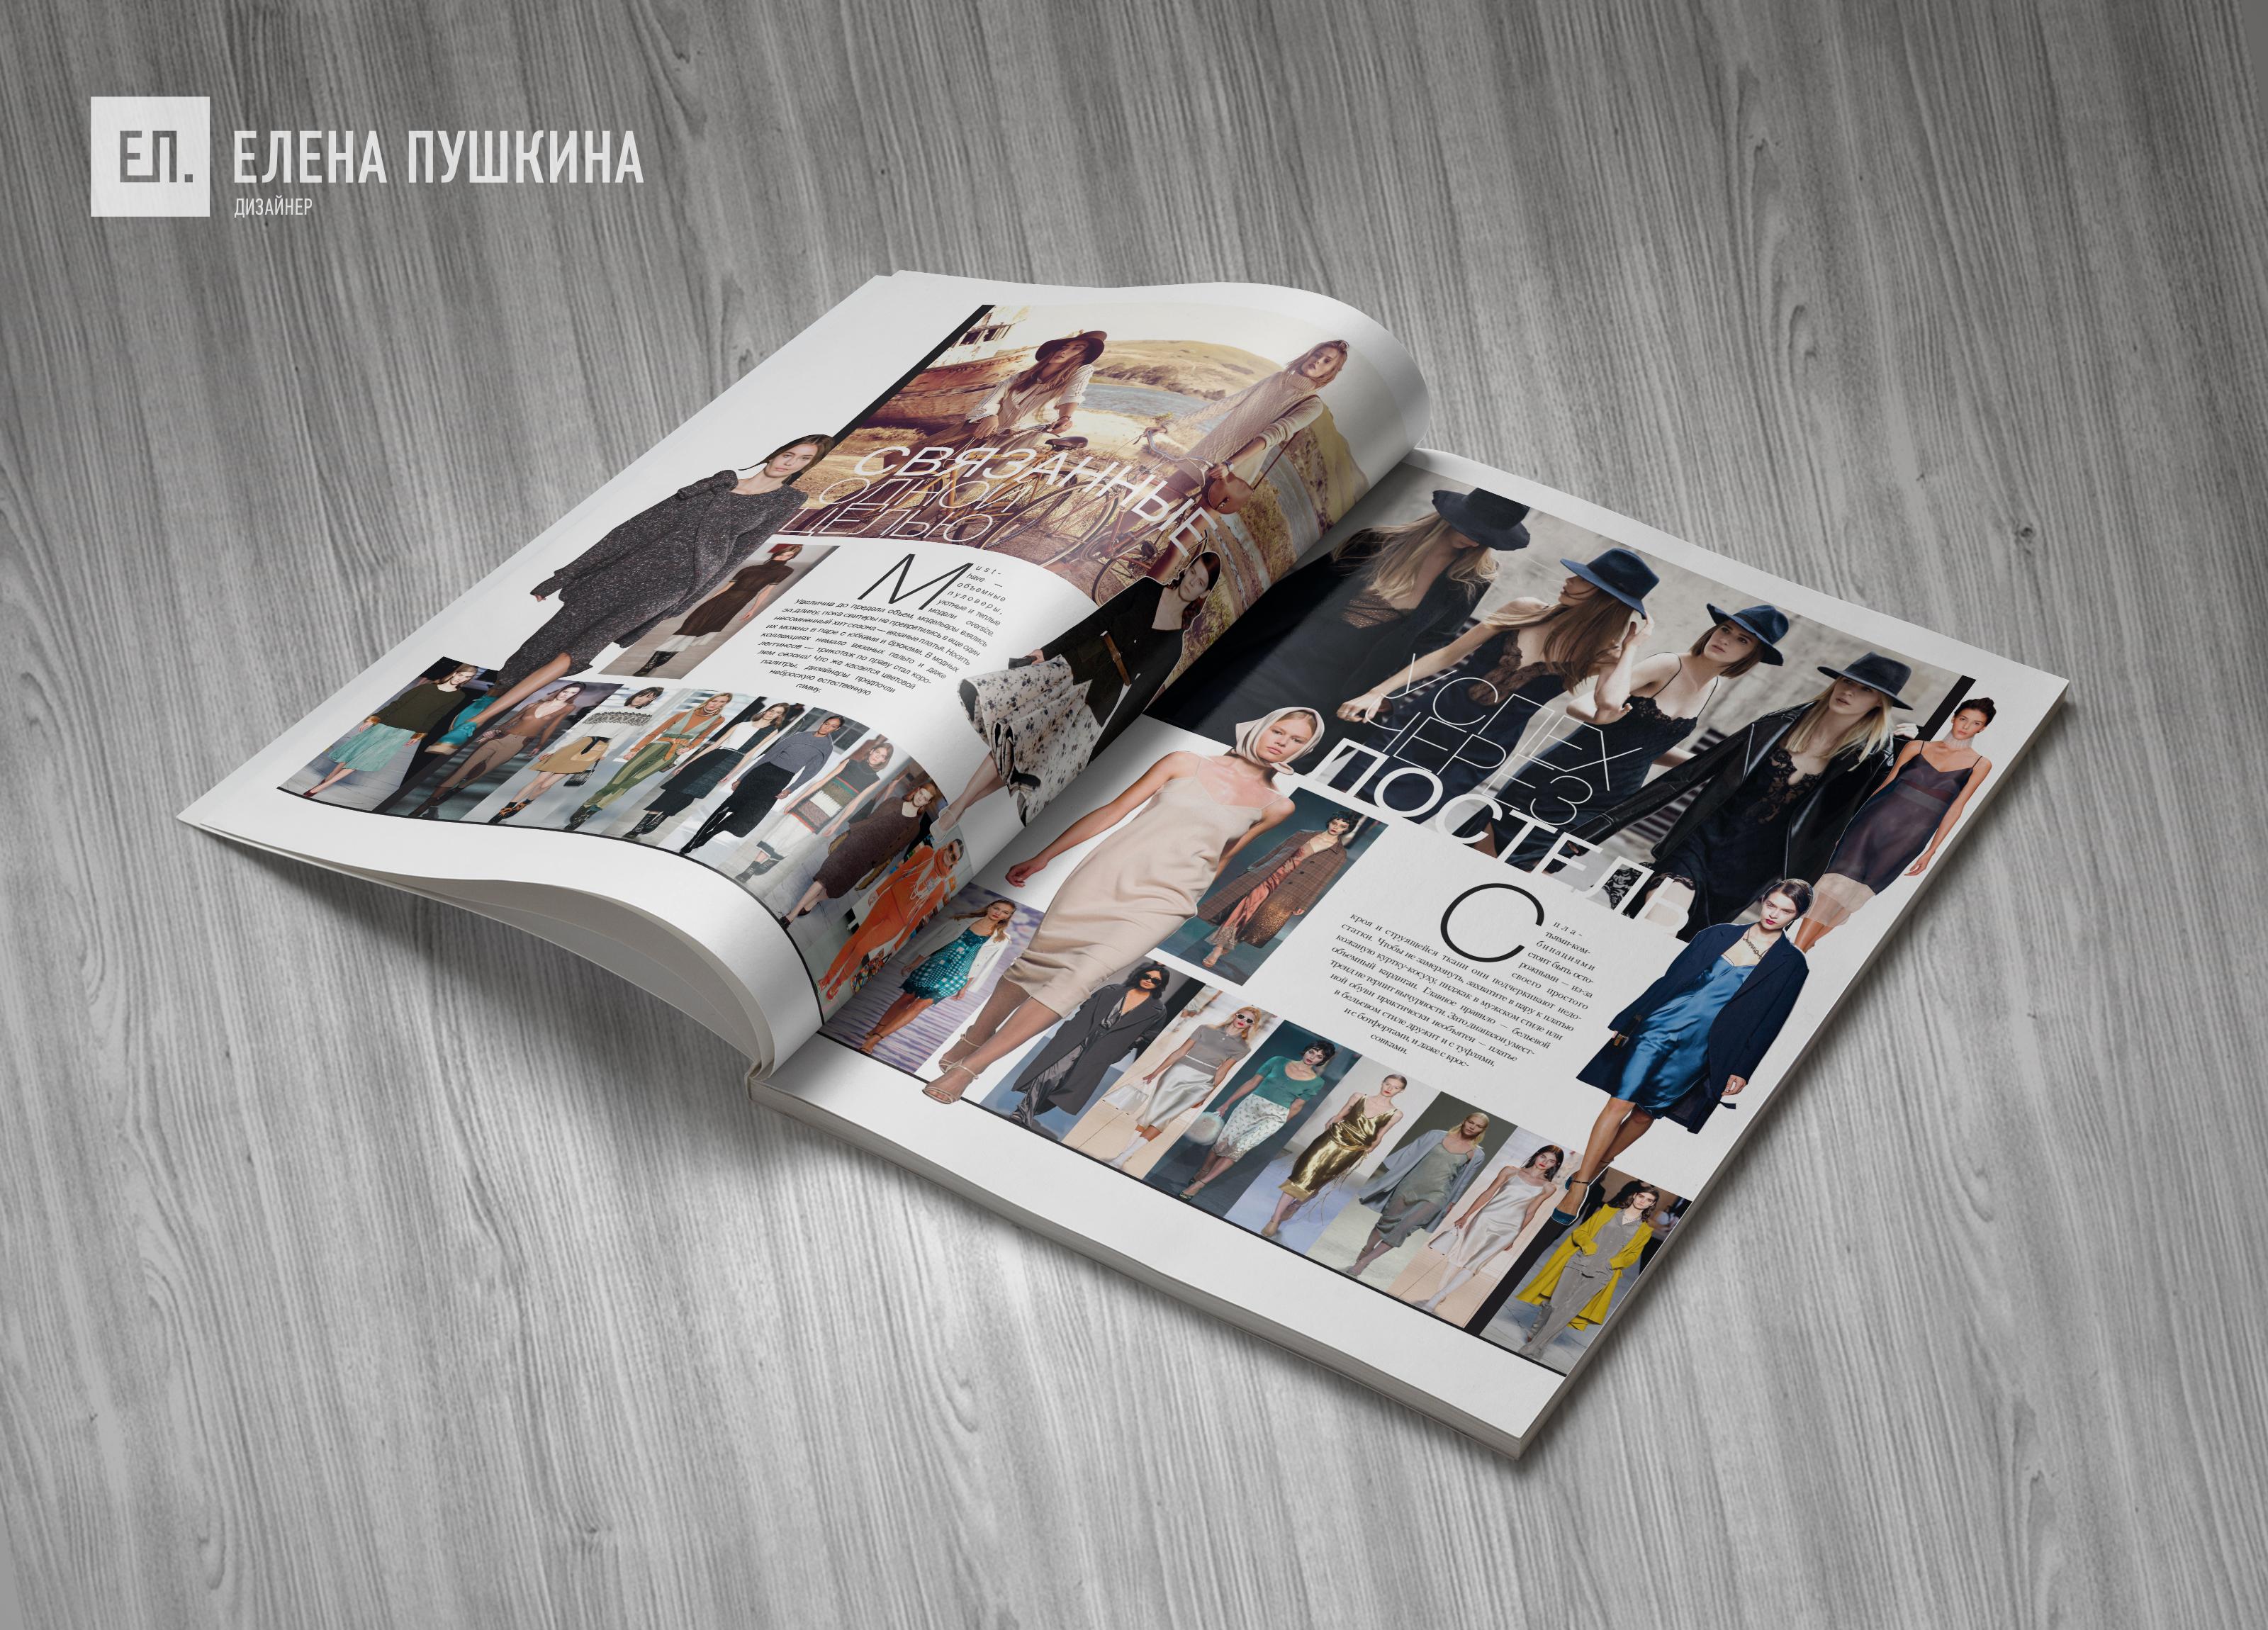 Глянцевый журнал «VITRINA»— дизайн с«нуля» логотипа, обложки, макета ивёрстка журнала. Победитель премии «Лучший глянец»! Разработка журналов Портфолио